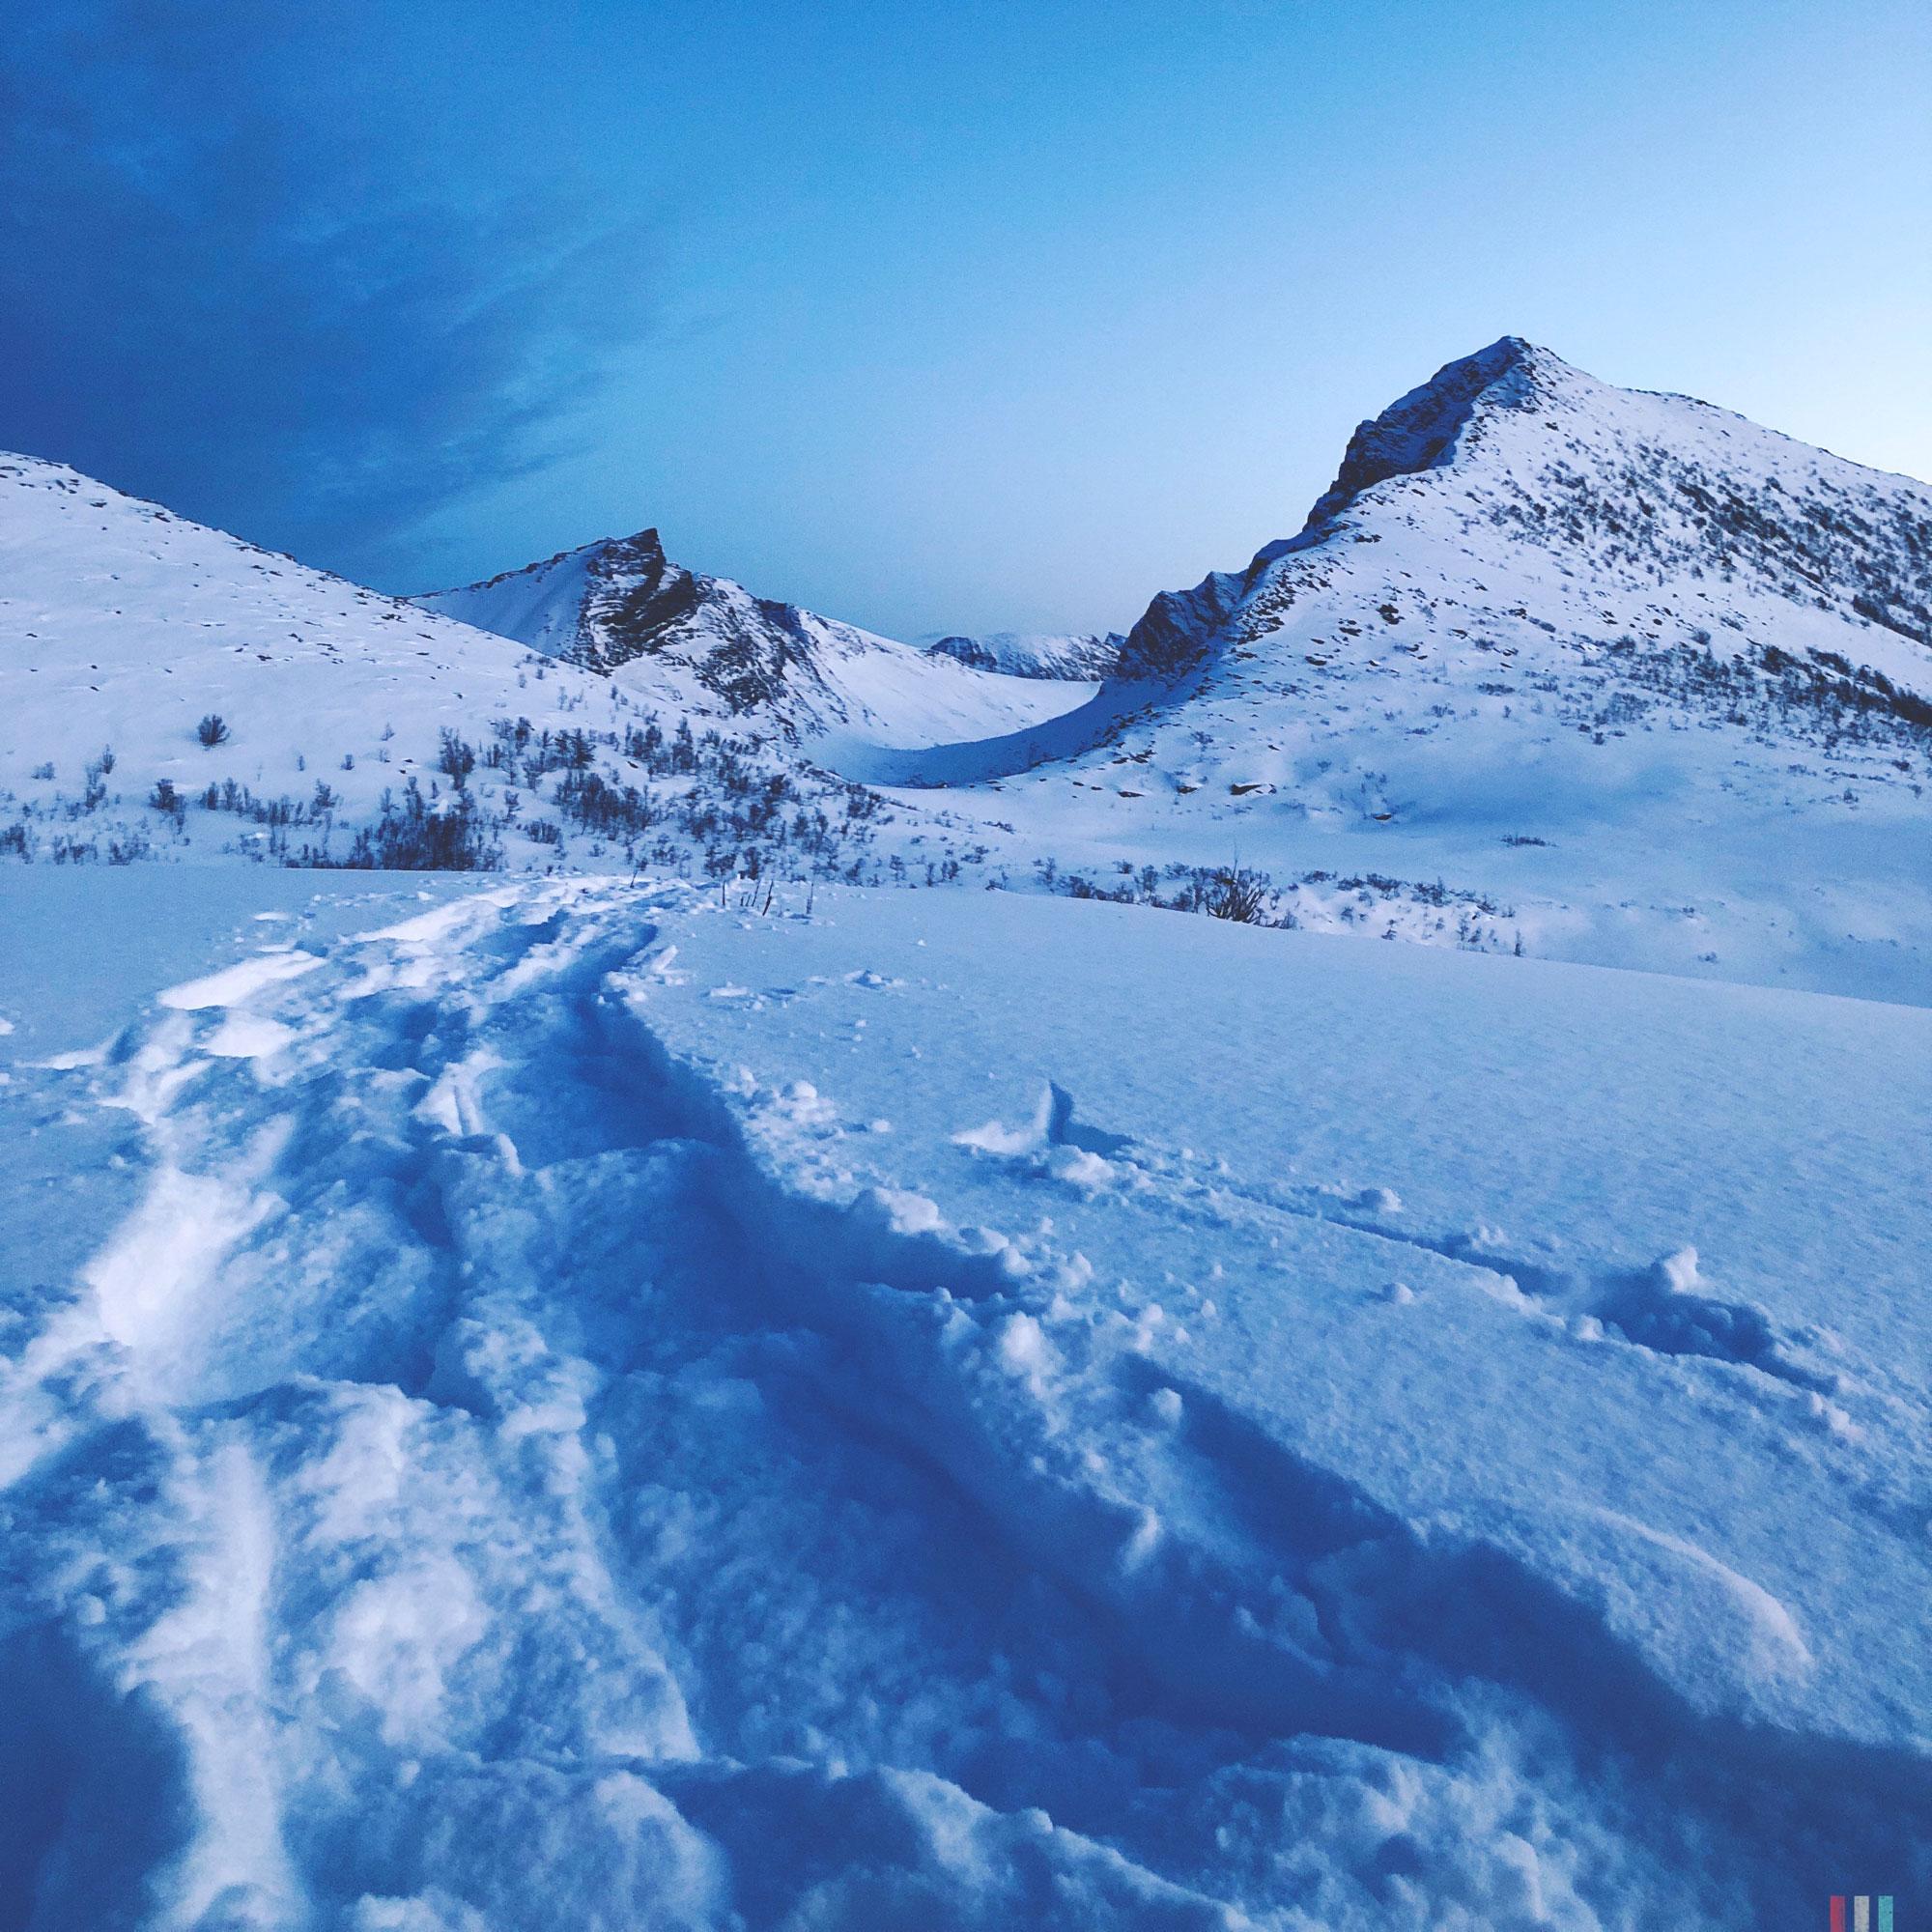 norwegen-senja-wandern-spuren-von-unten.jpg